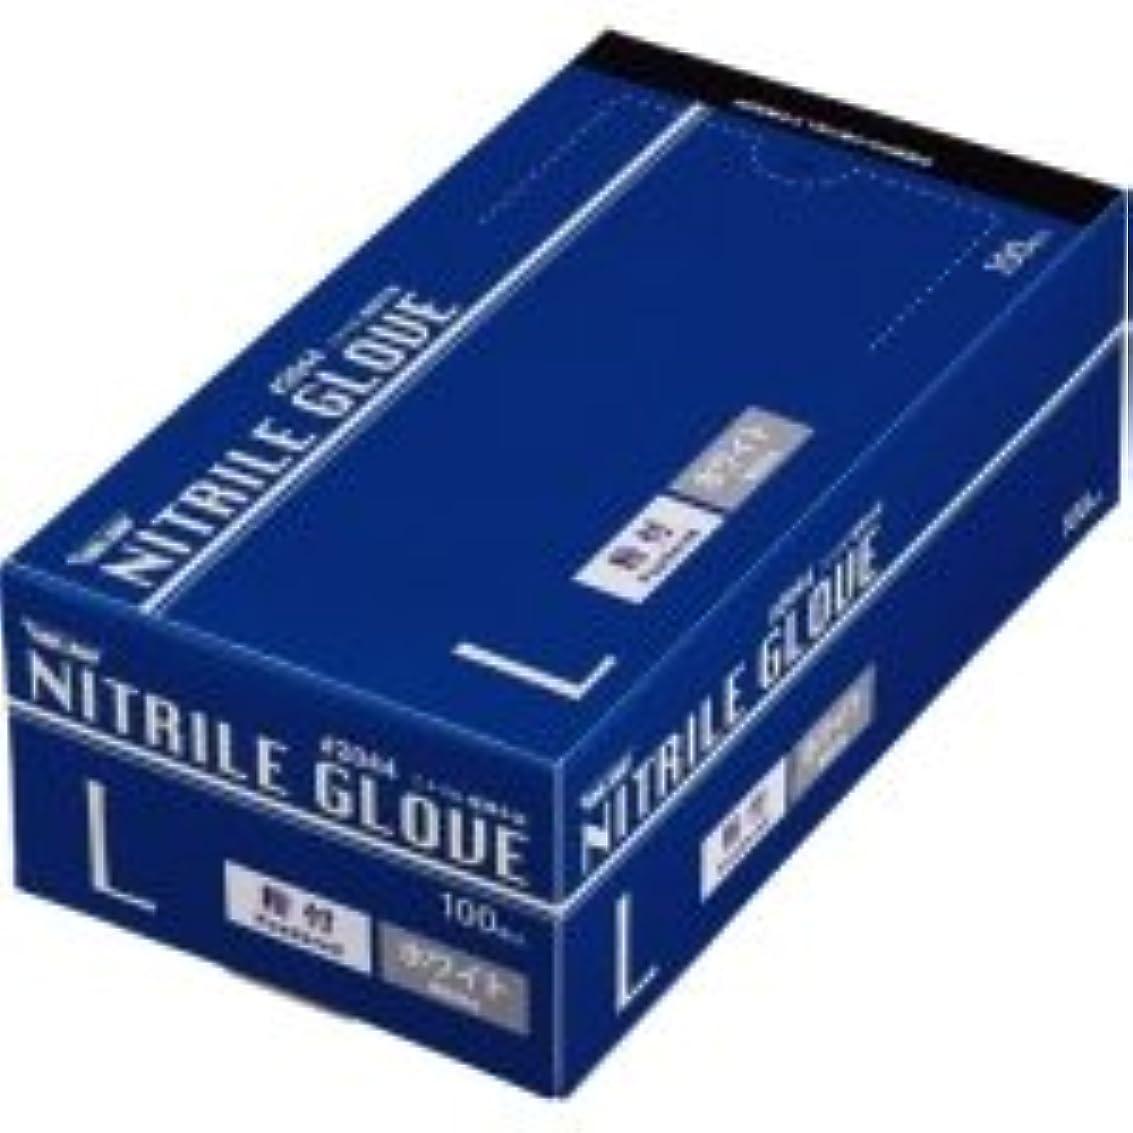 バックスペル正規化川西工業 ニトリル 使いきり極薄手袋 粉付 ホワイト L 1箱(100枚)